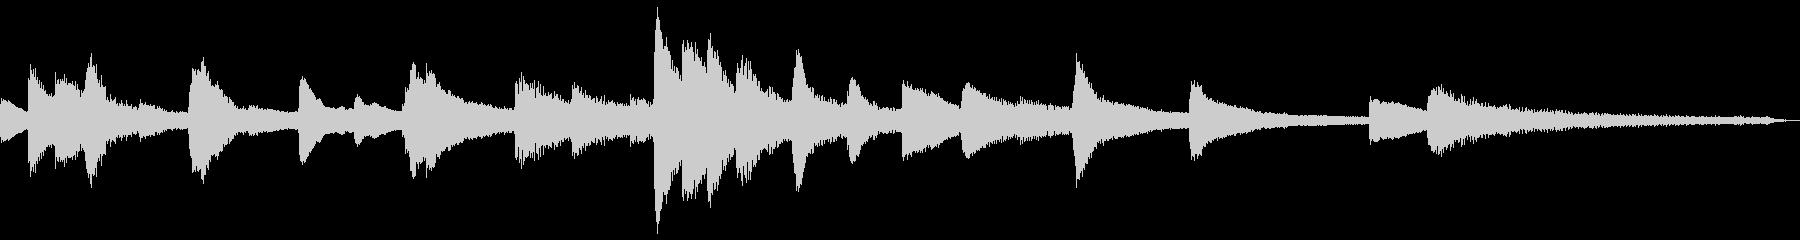 15秒の平和な和風ジングル17-ピアノの未再生の波形